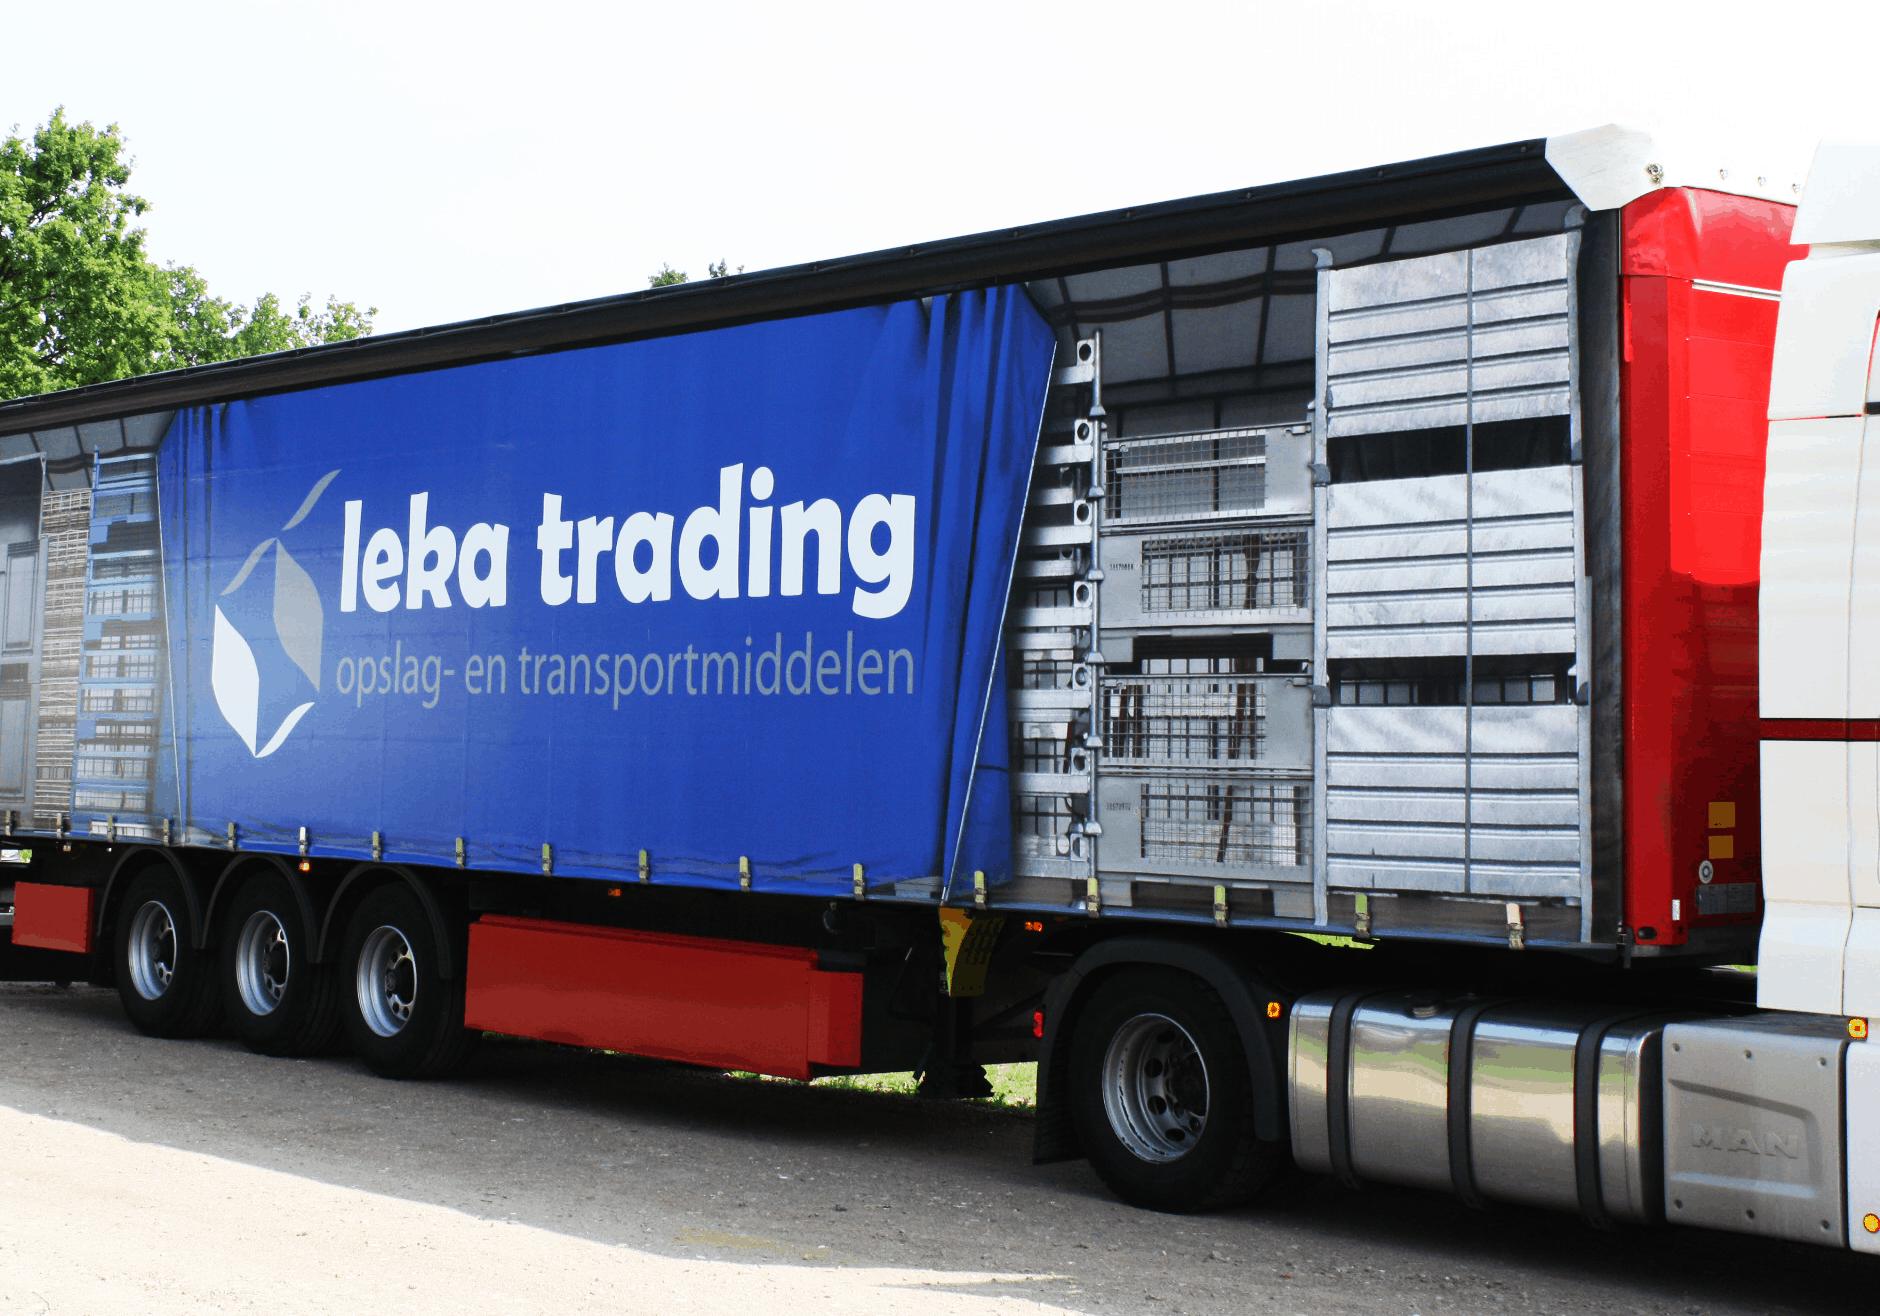 Indruk maken met vrachtwagen belettering